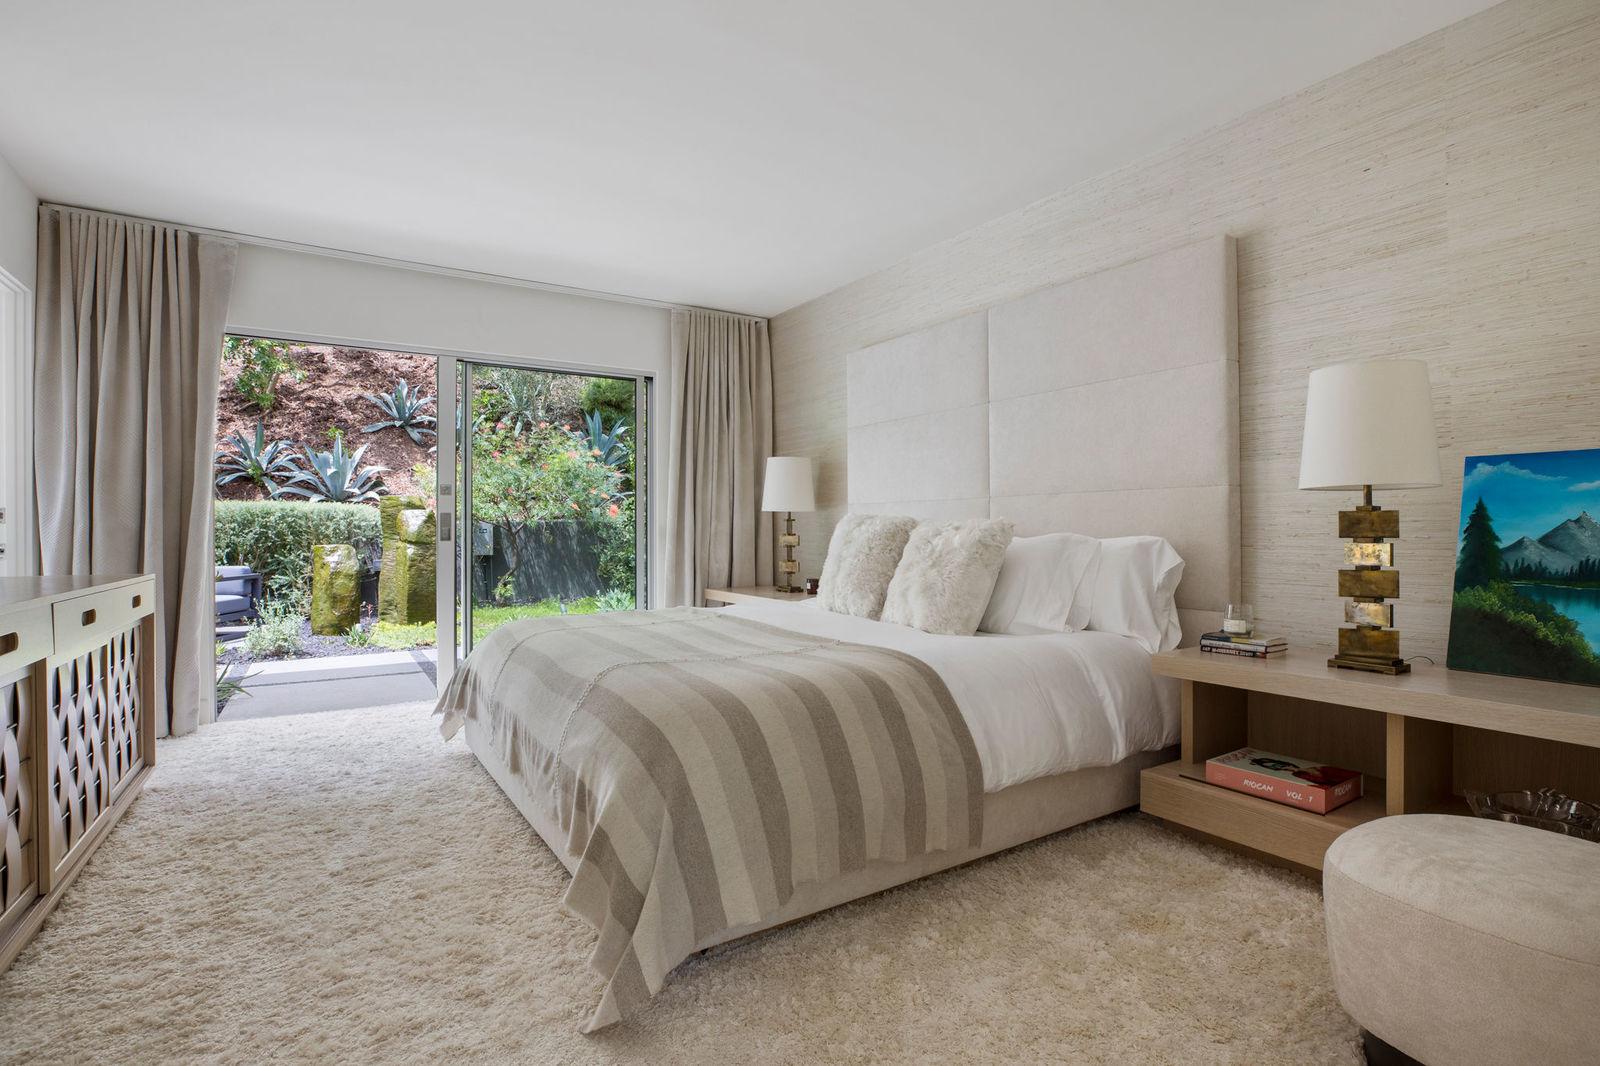 En la imagen, una de las habitaciones de la casa. / Foto: Oasisonlomavista